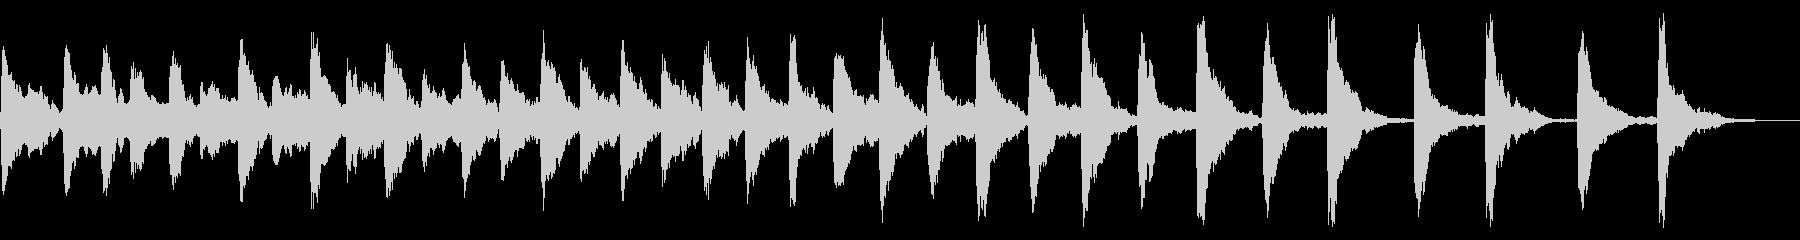 レプトン教会G#ベル:リンギングの未再生の波形